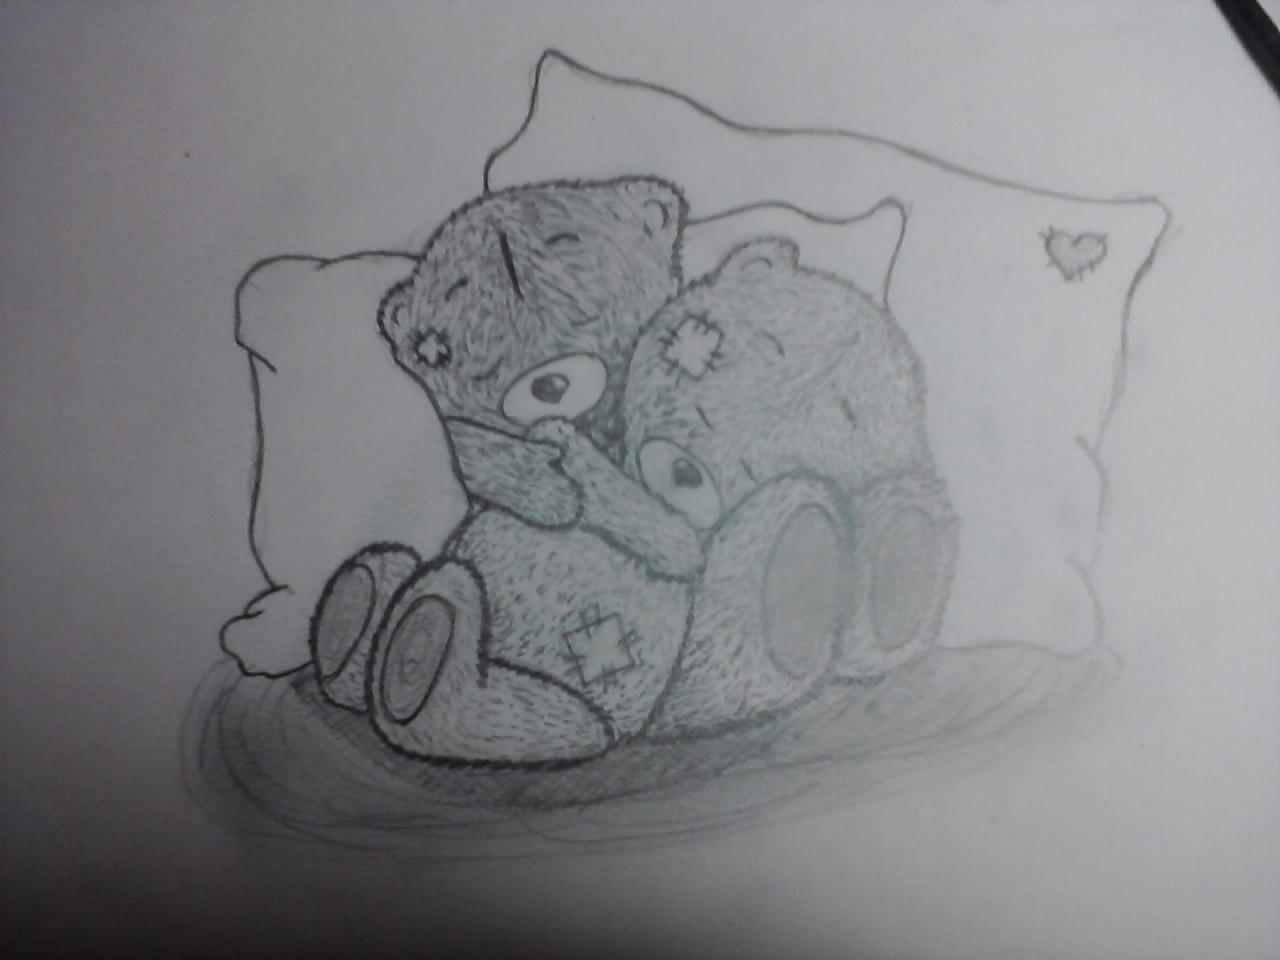 Моя дочь учится рисовать,но не очень верит в себя.Интересно ваше мнение о её работах.